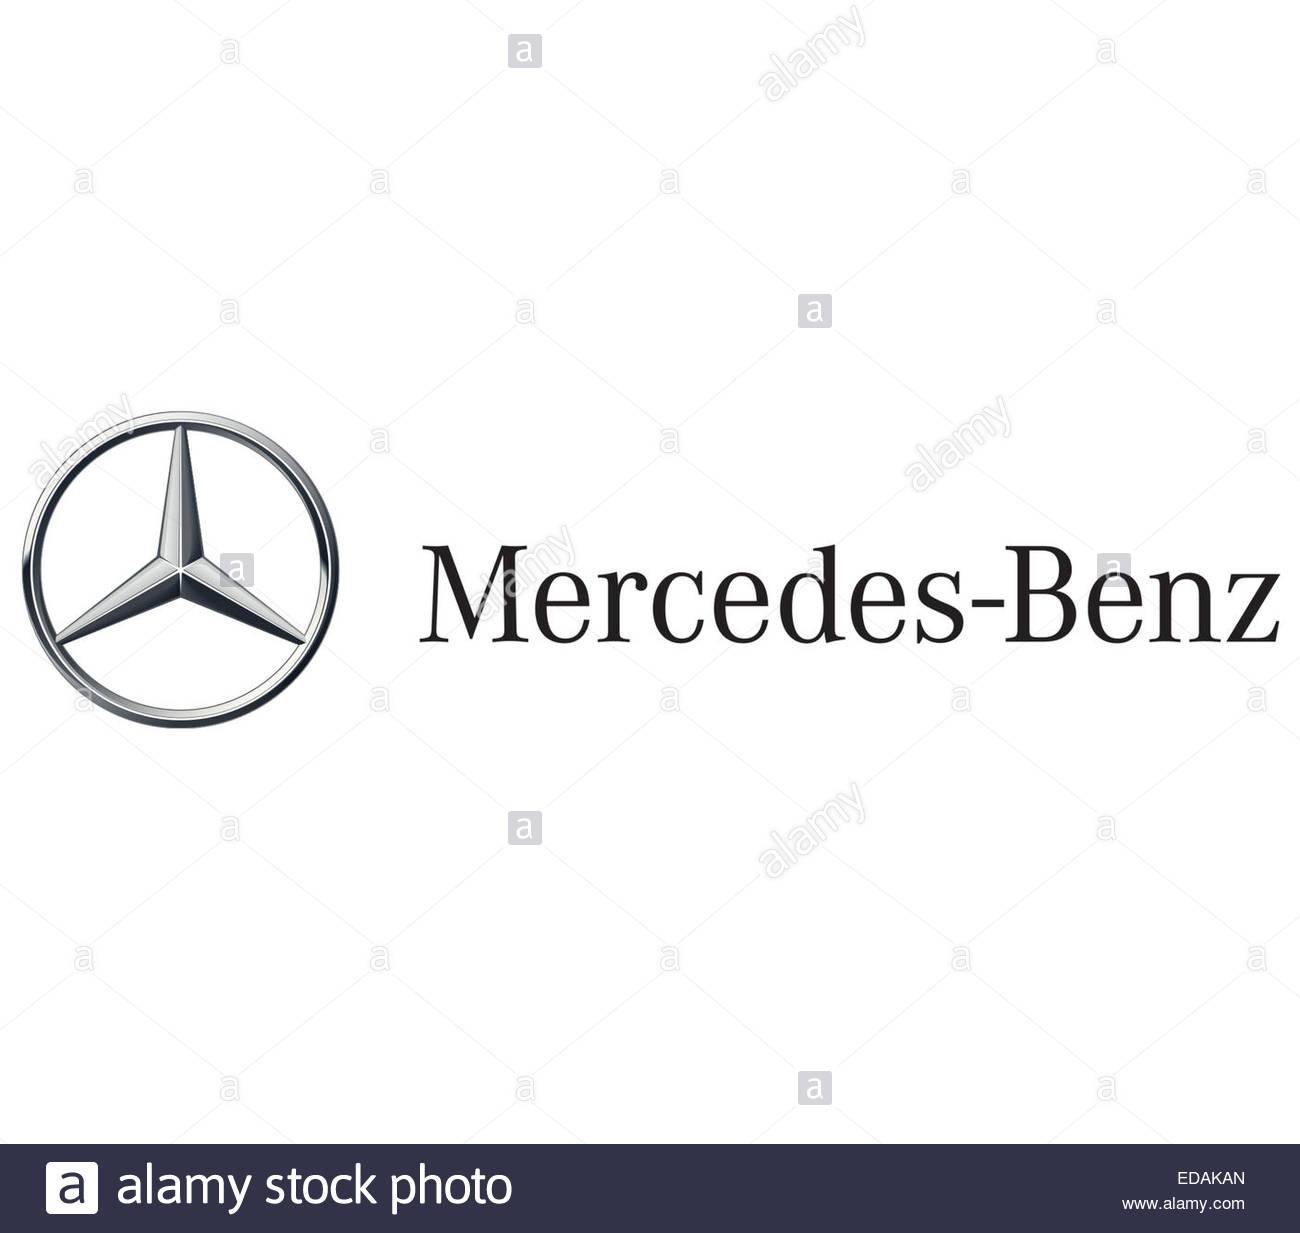 Daimler Mercedes Benz Company Car Stock Photos Daimler Mercedes